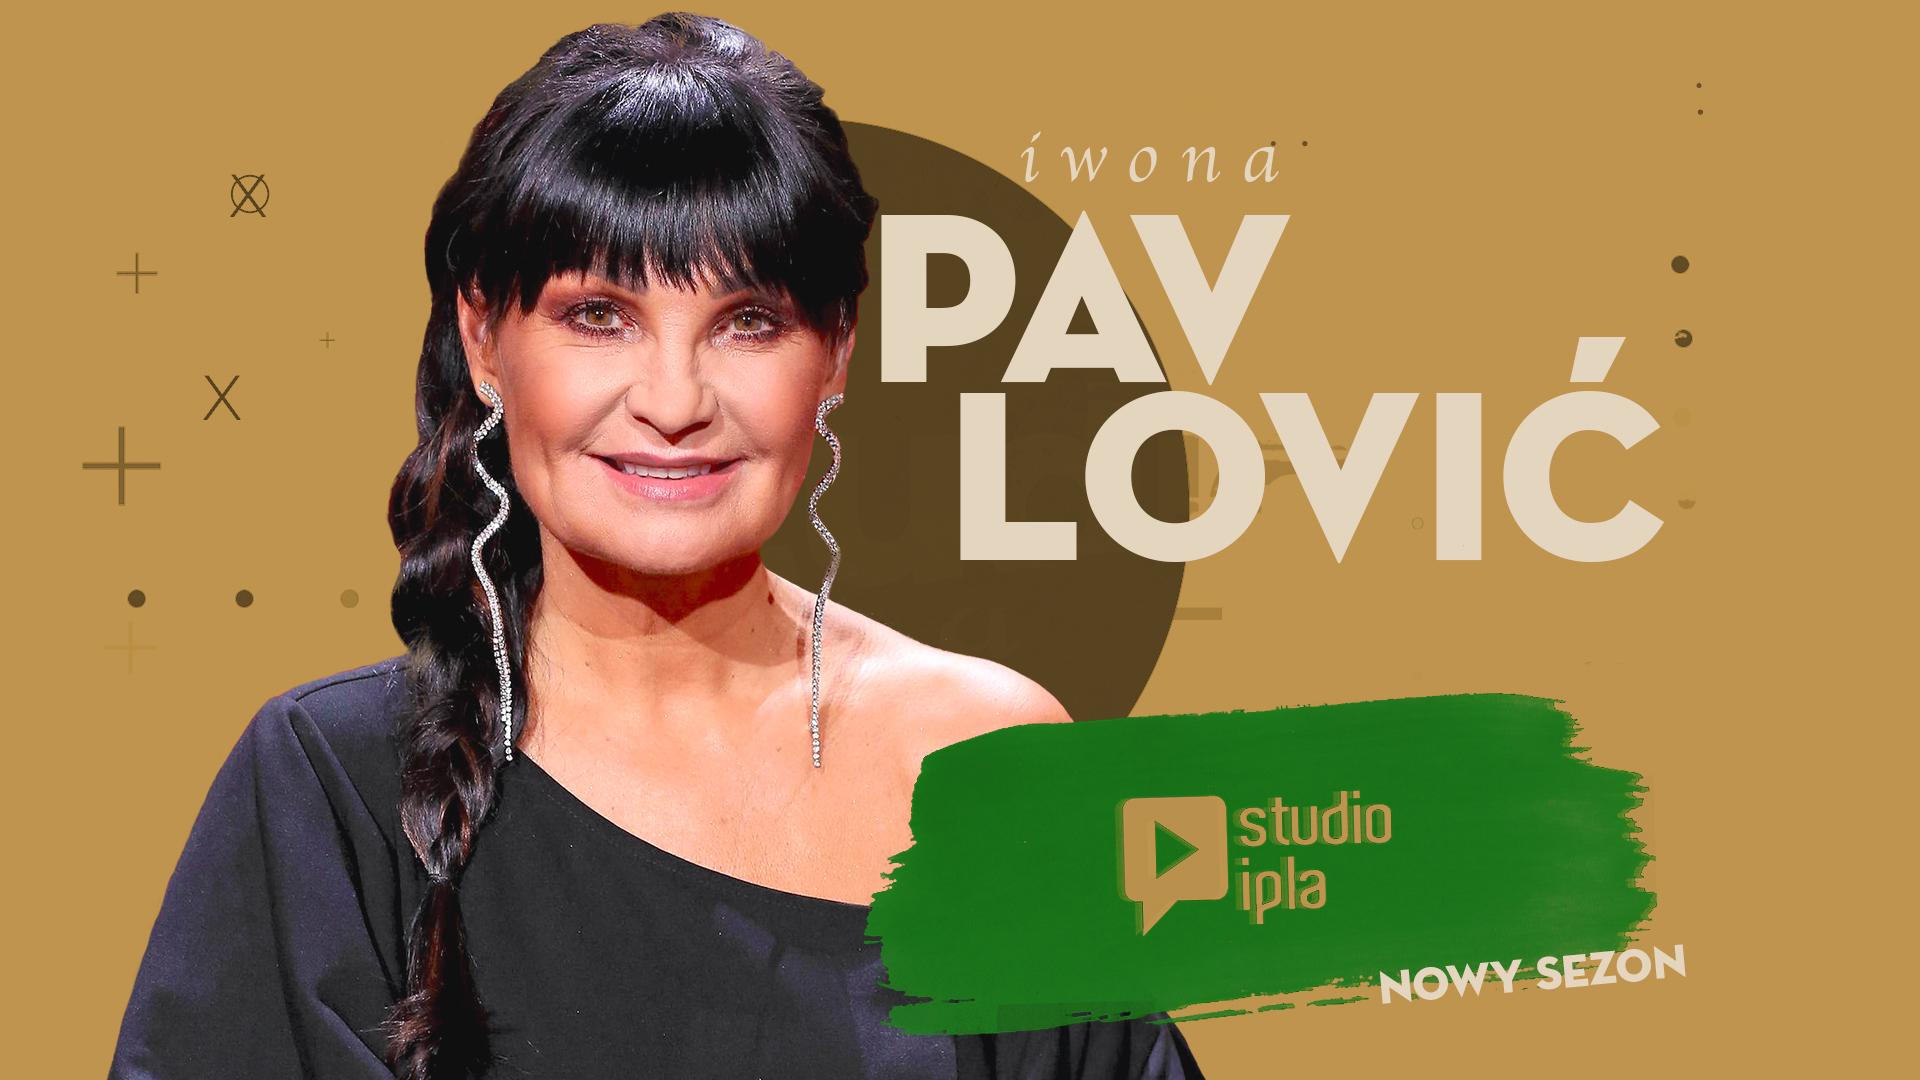 Studio IPLA - Iwona Pavlović